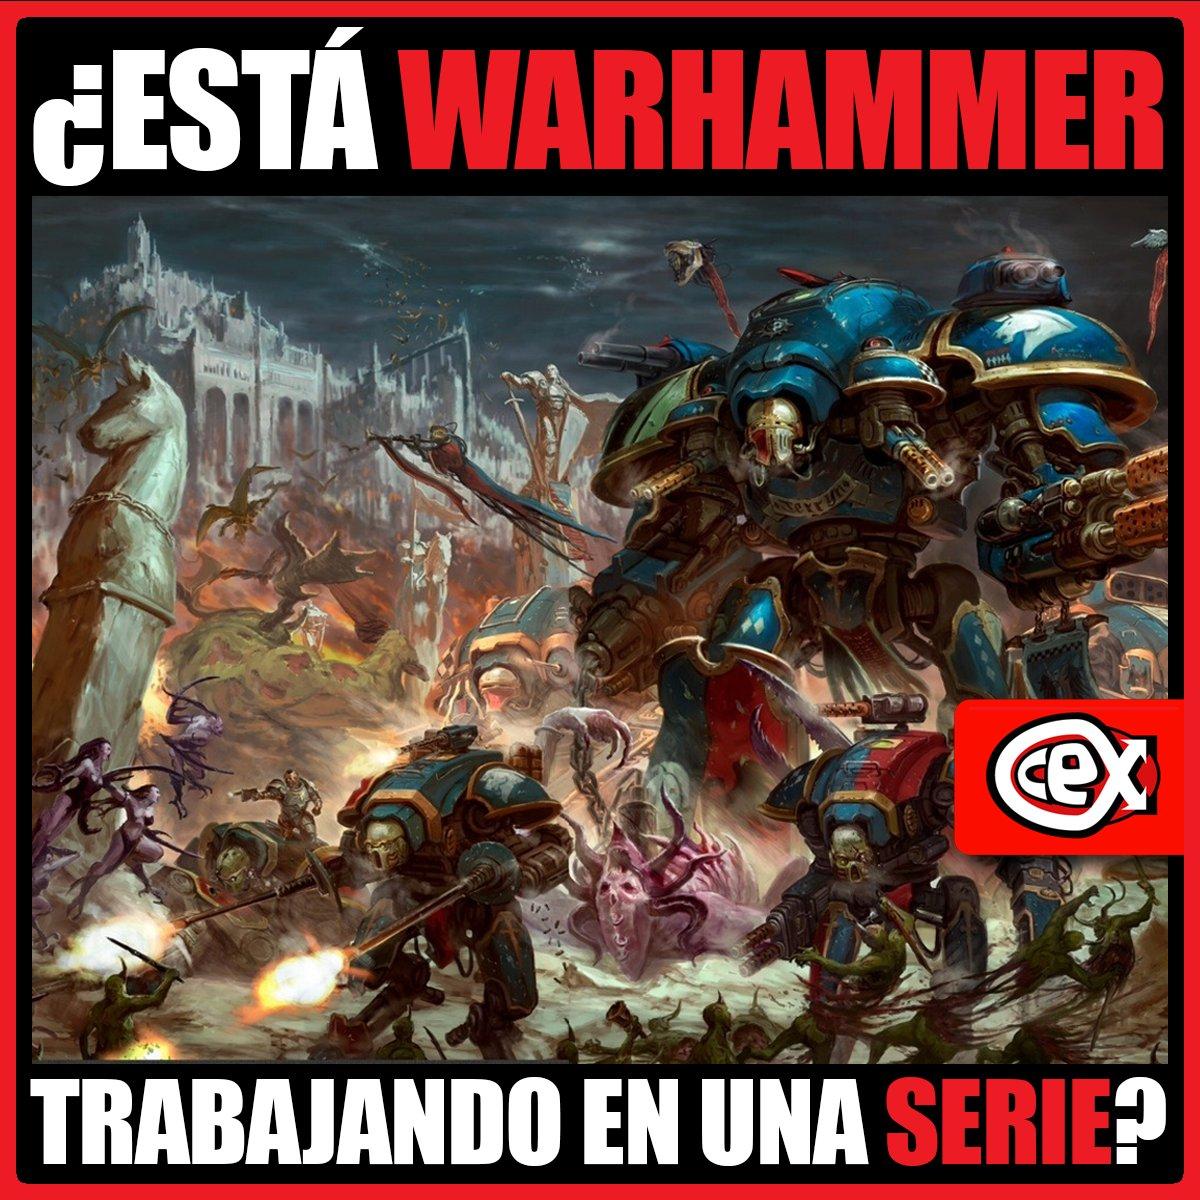 #KevinRountree, CEO de #GamesWorkshop, ha revelado que se encuentran trabajando en una nueva serie de #Warhammer. Aunque su producción aún no ha empezado, su objetivo es contentar tanto a los recién aterrizados como a los más veteranos del universo Warhammer. #CeX #Webuypic.twitter.com/2HBNnH1ps6